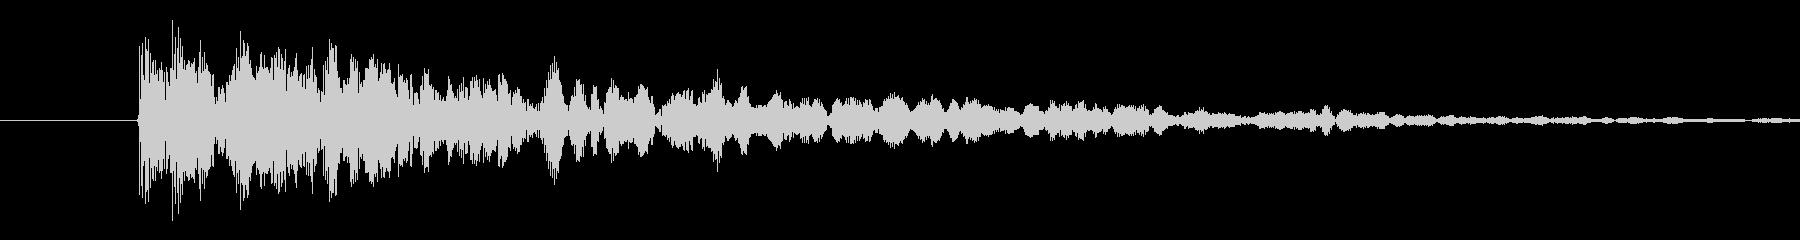 コミカル2(ポヨヨヨヨーン)の未再生の波形